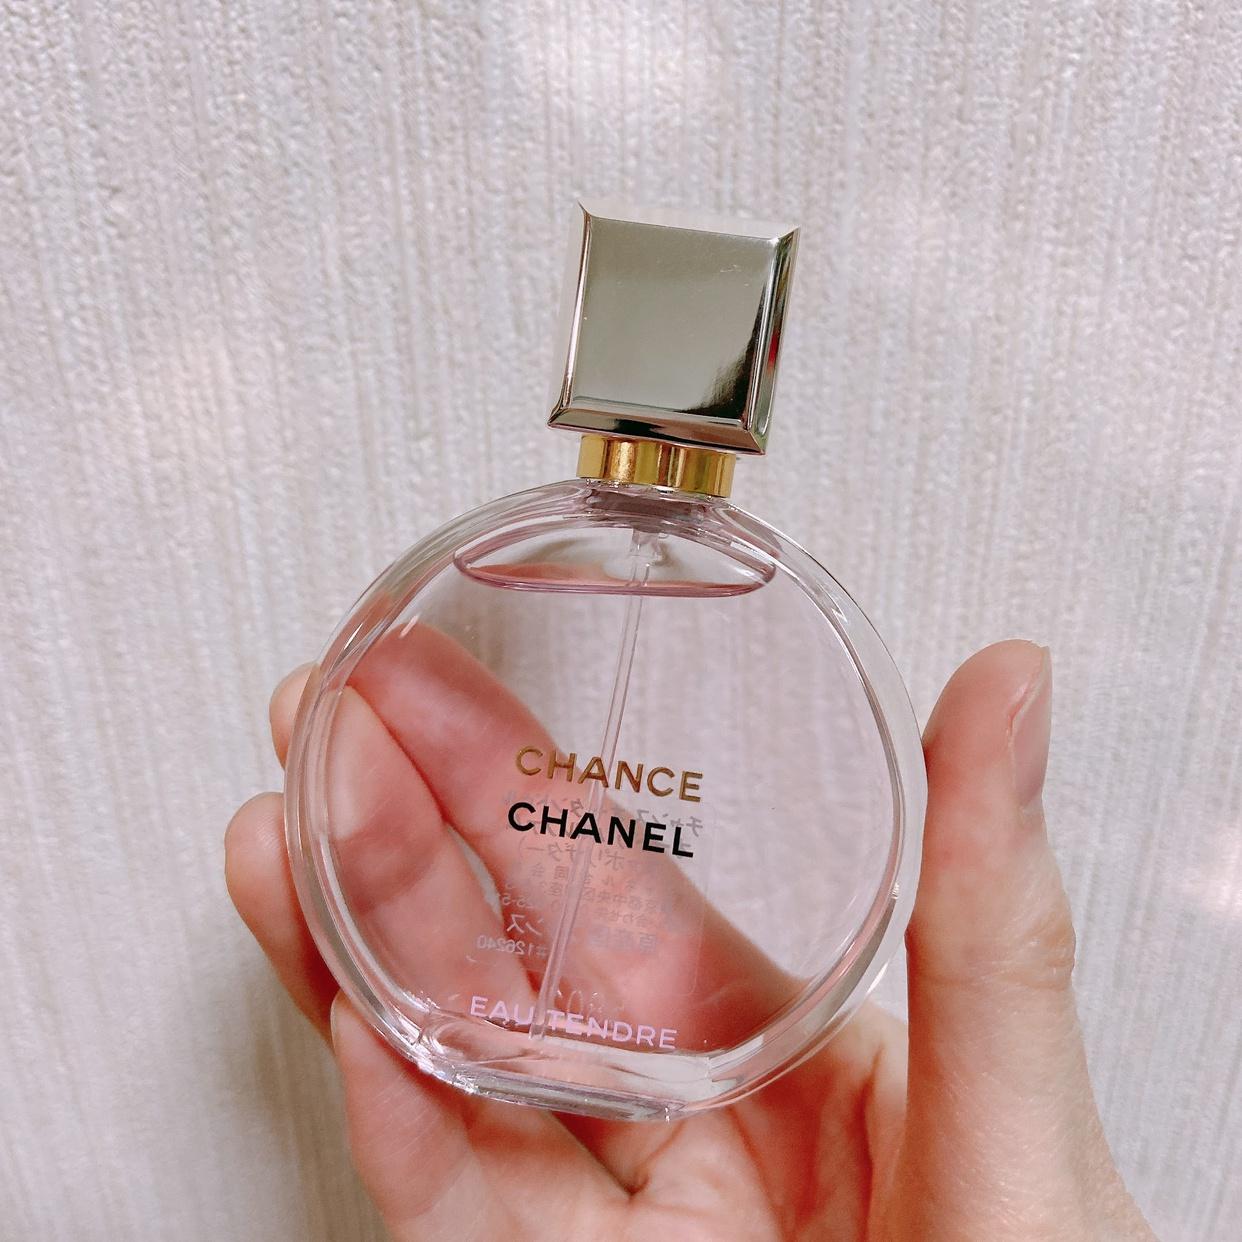 CHANEL(シャネル)チャンス オー タンドゥル オードゥ パルファムを使ったnanaさんのクチコミ画像1